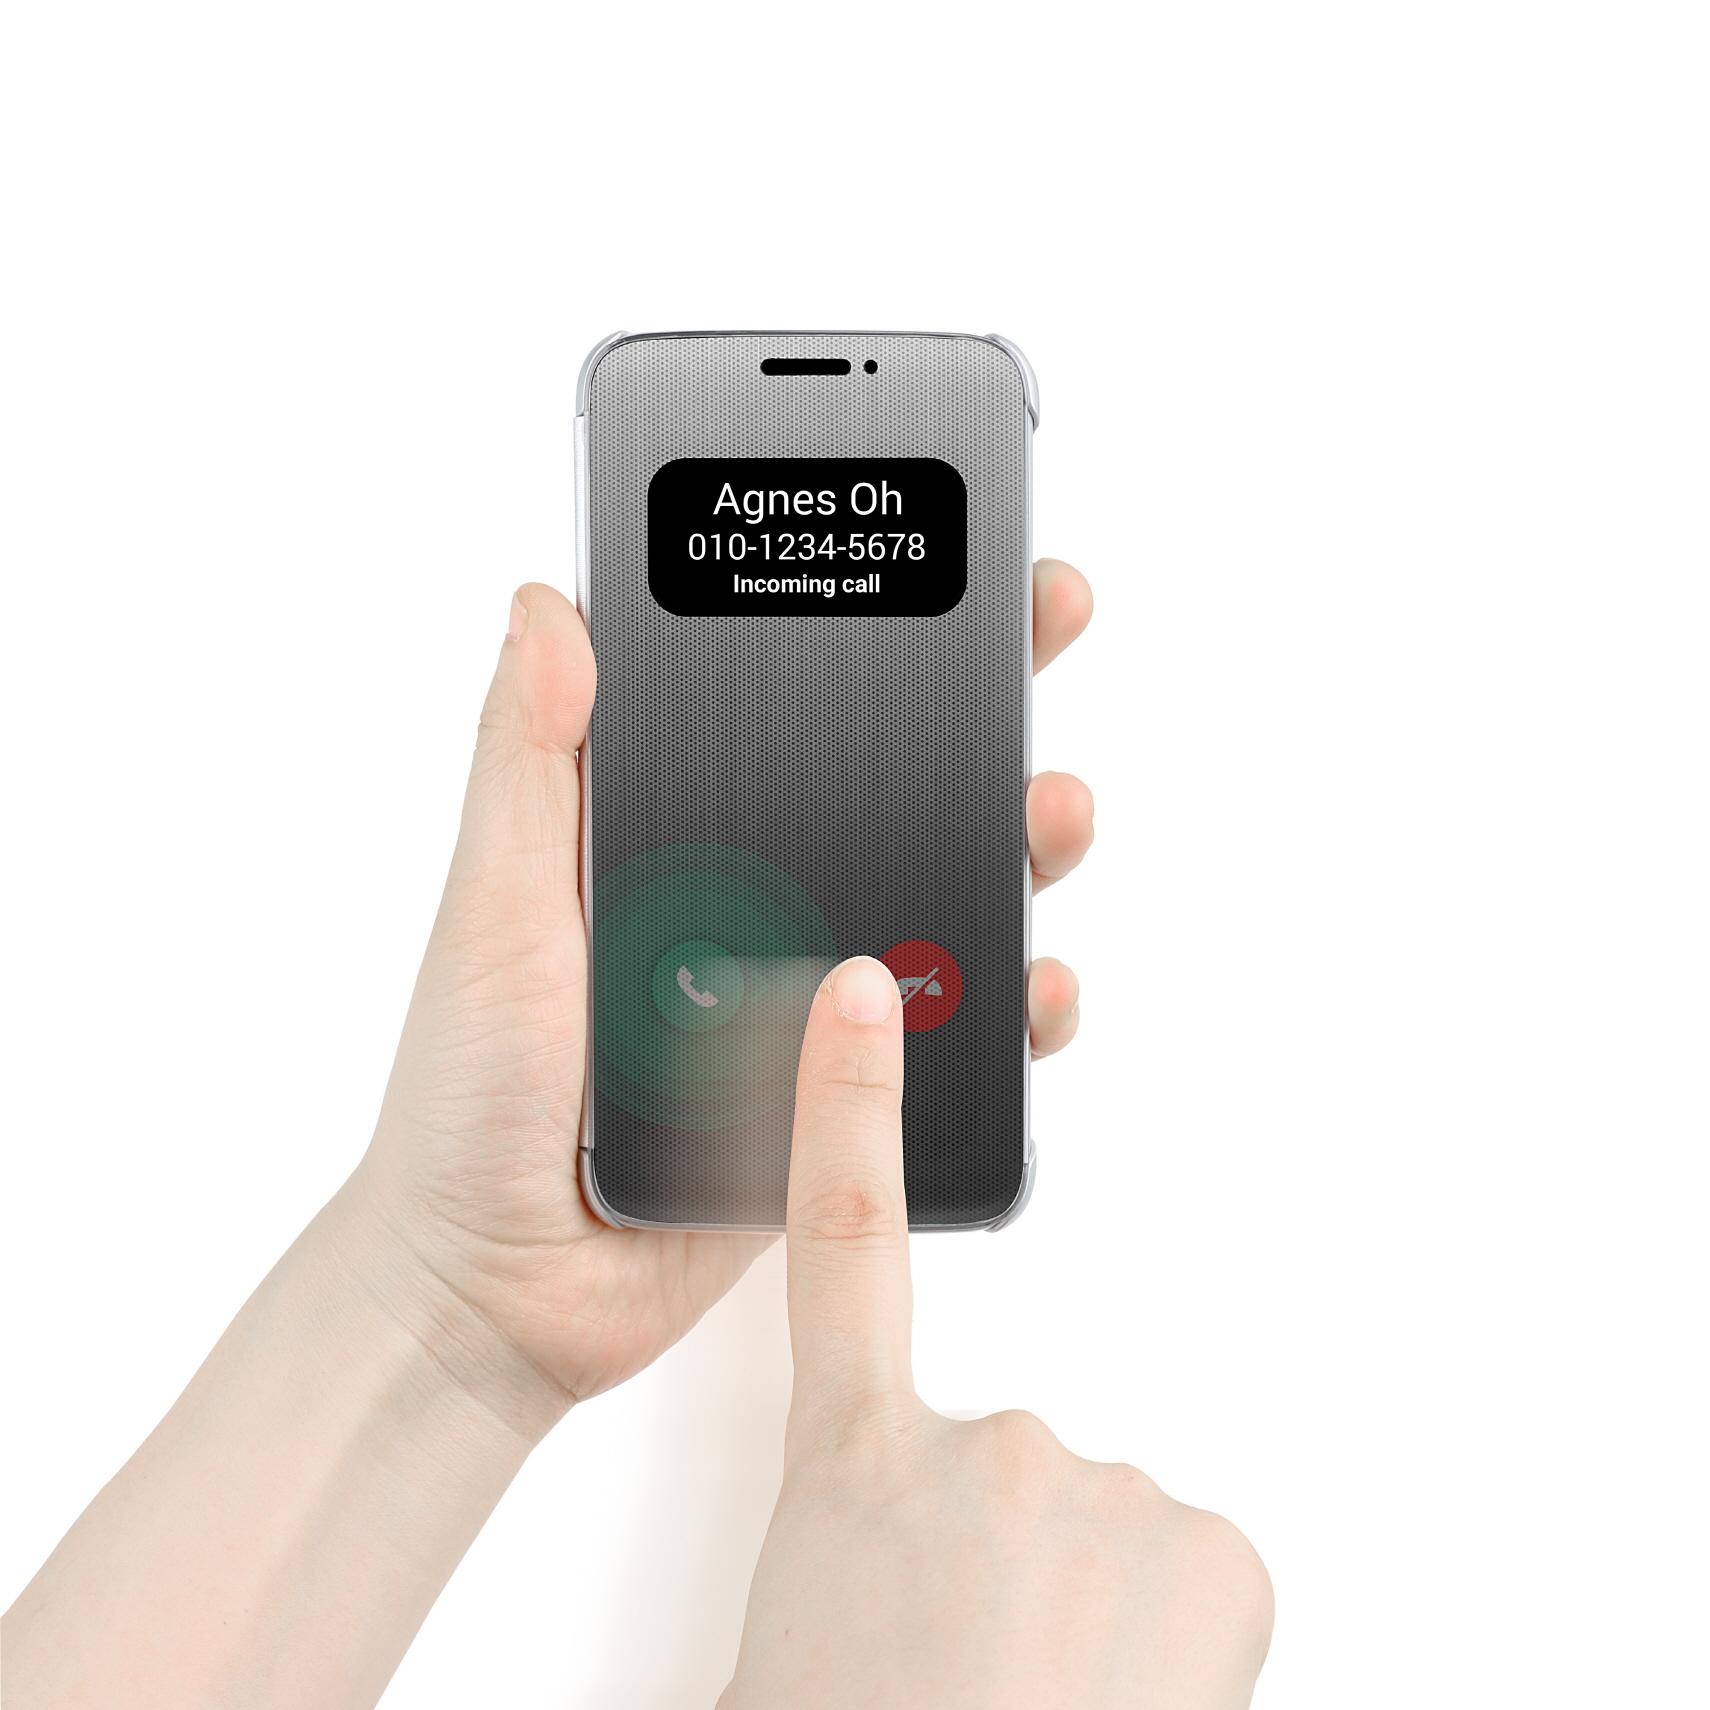 LG mostra la Quick Cover sensibile al tocco per LG G5